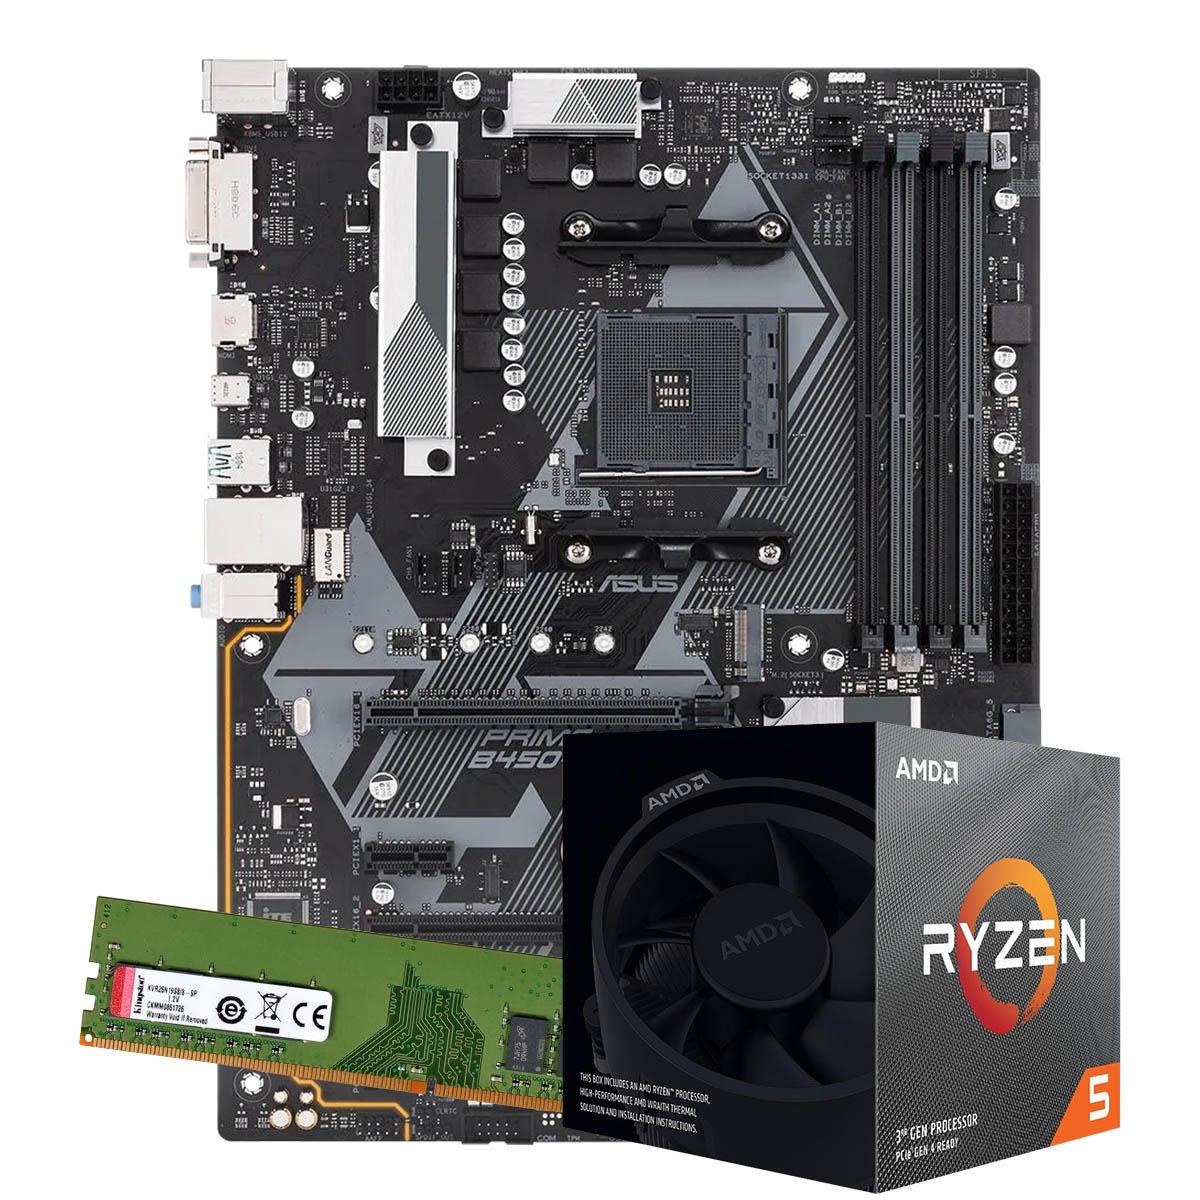 Kit Upgrade AMD Ryzen 5 3600 3.6Ghz, Placa Mãe Gigabyte B450M DS3H, 8GB DDR4